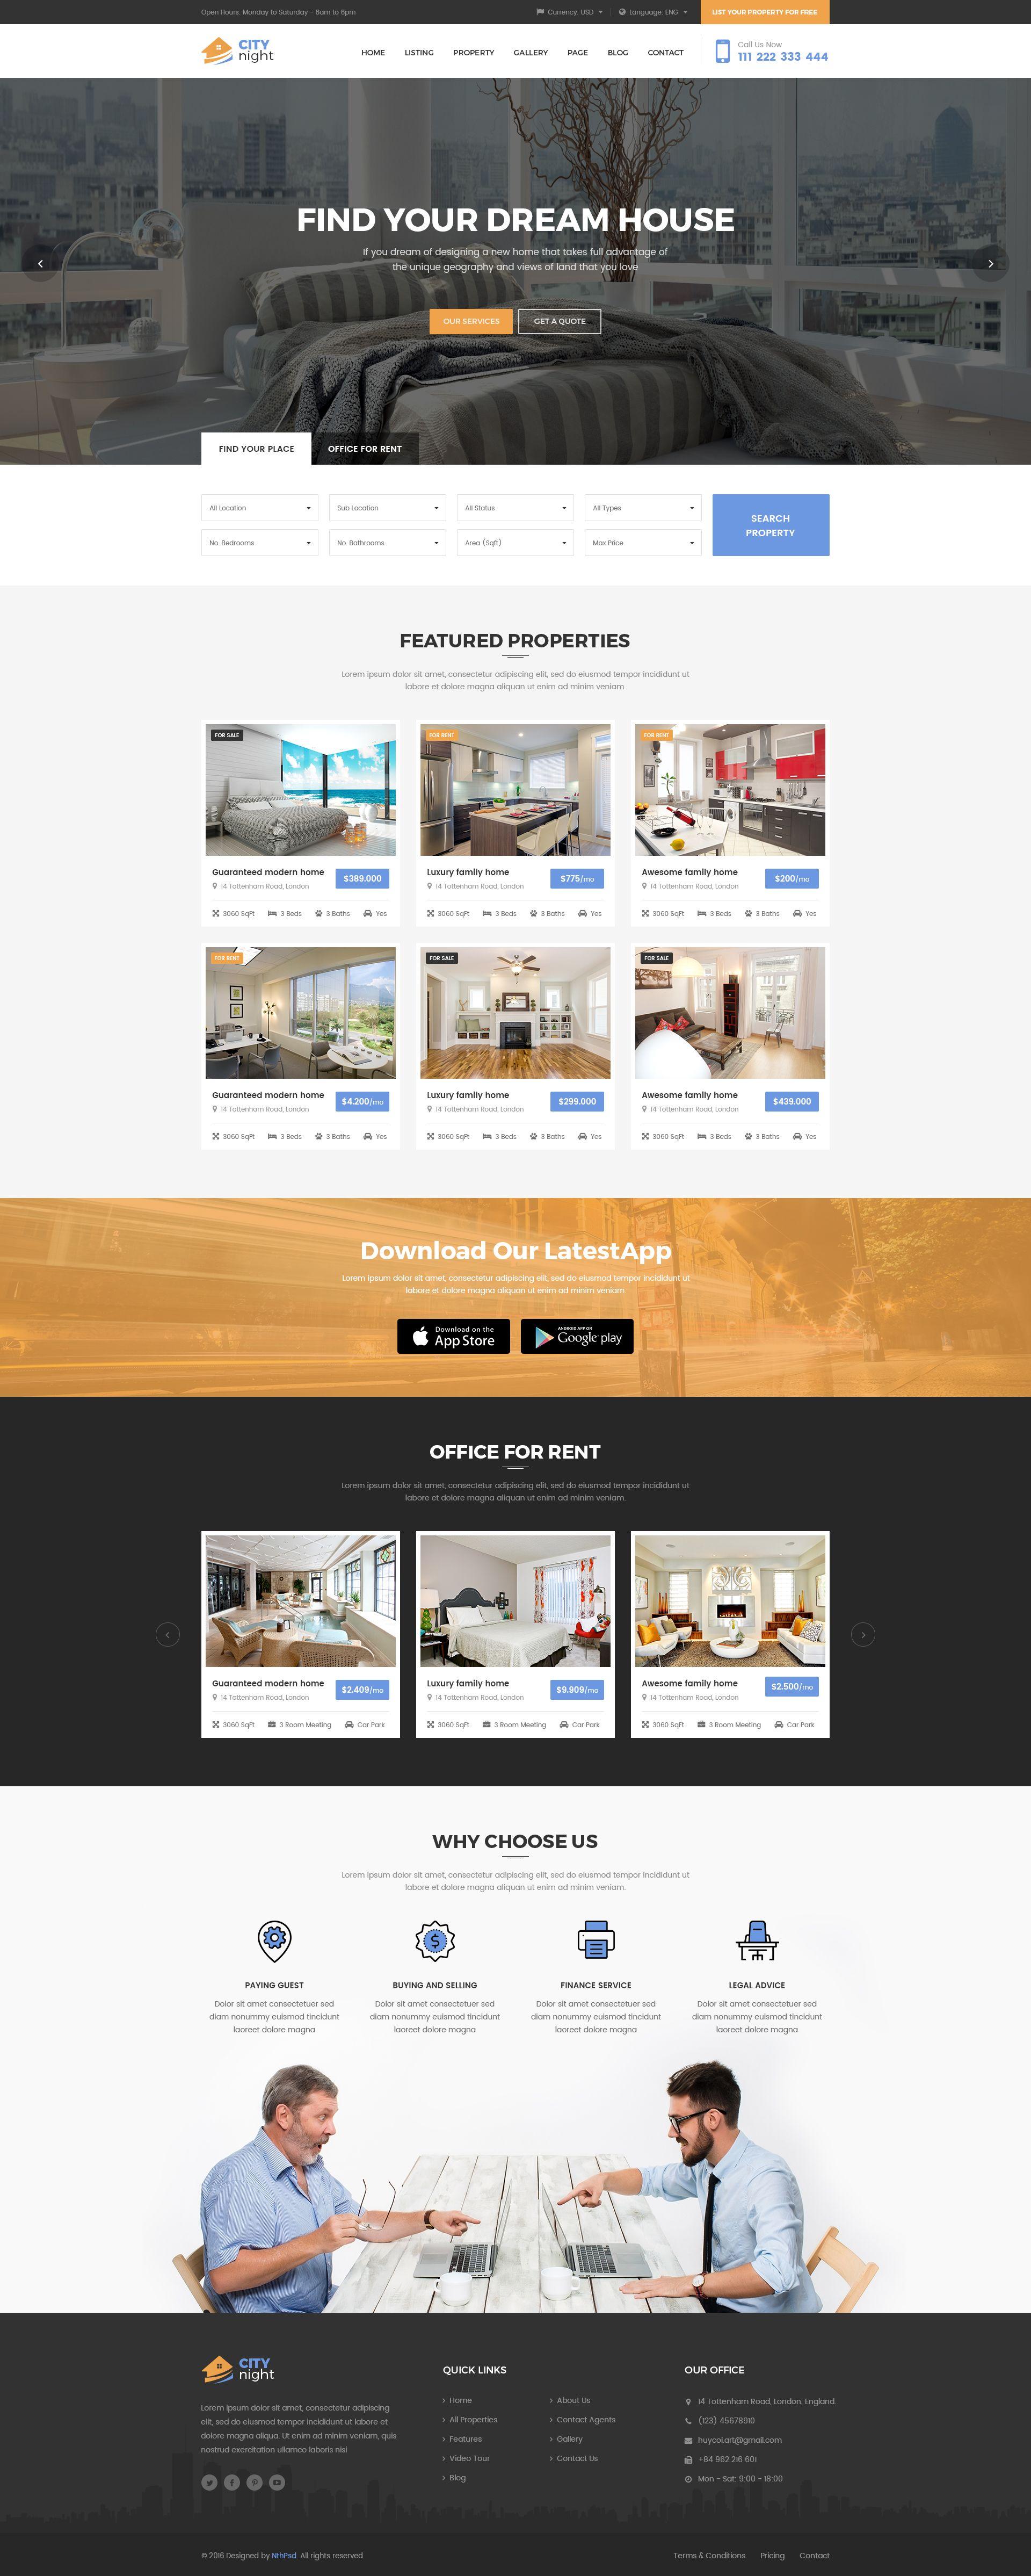 Citynight Real Estate Psd Template Real Estate Website Design Real Estate Marketing Real Estate Website